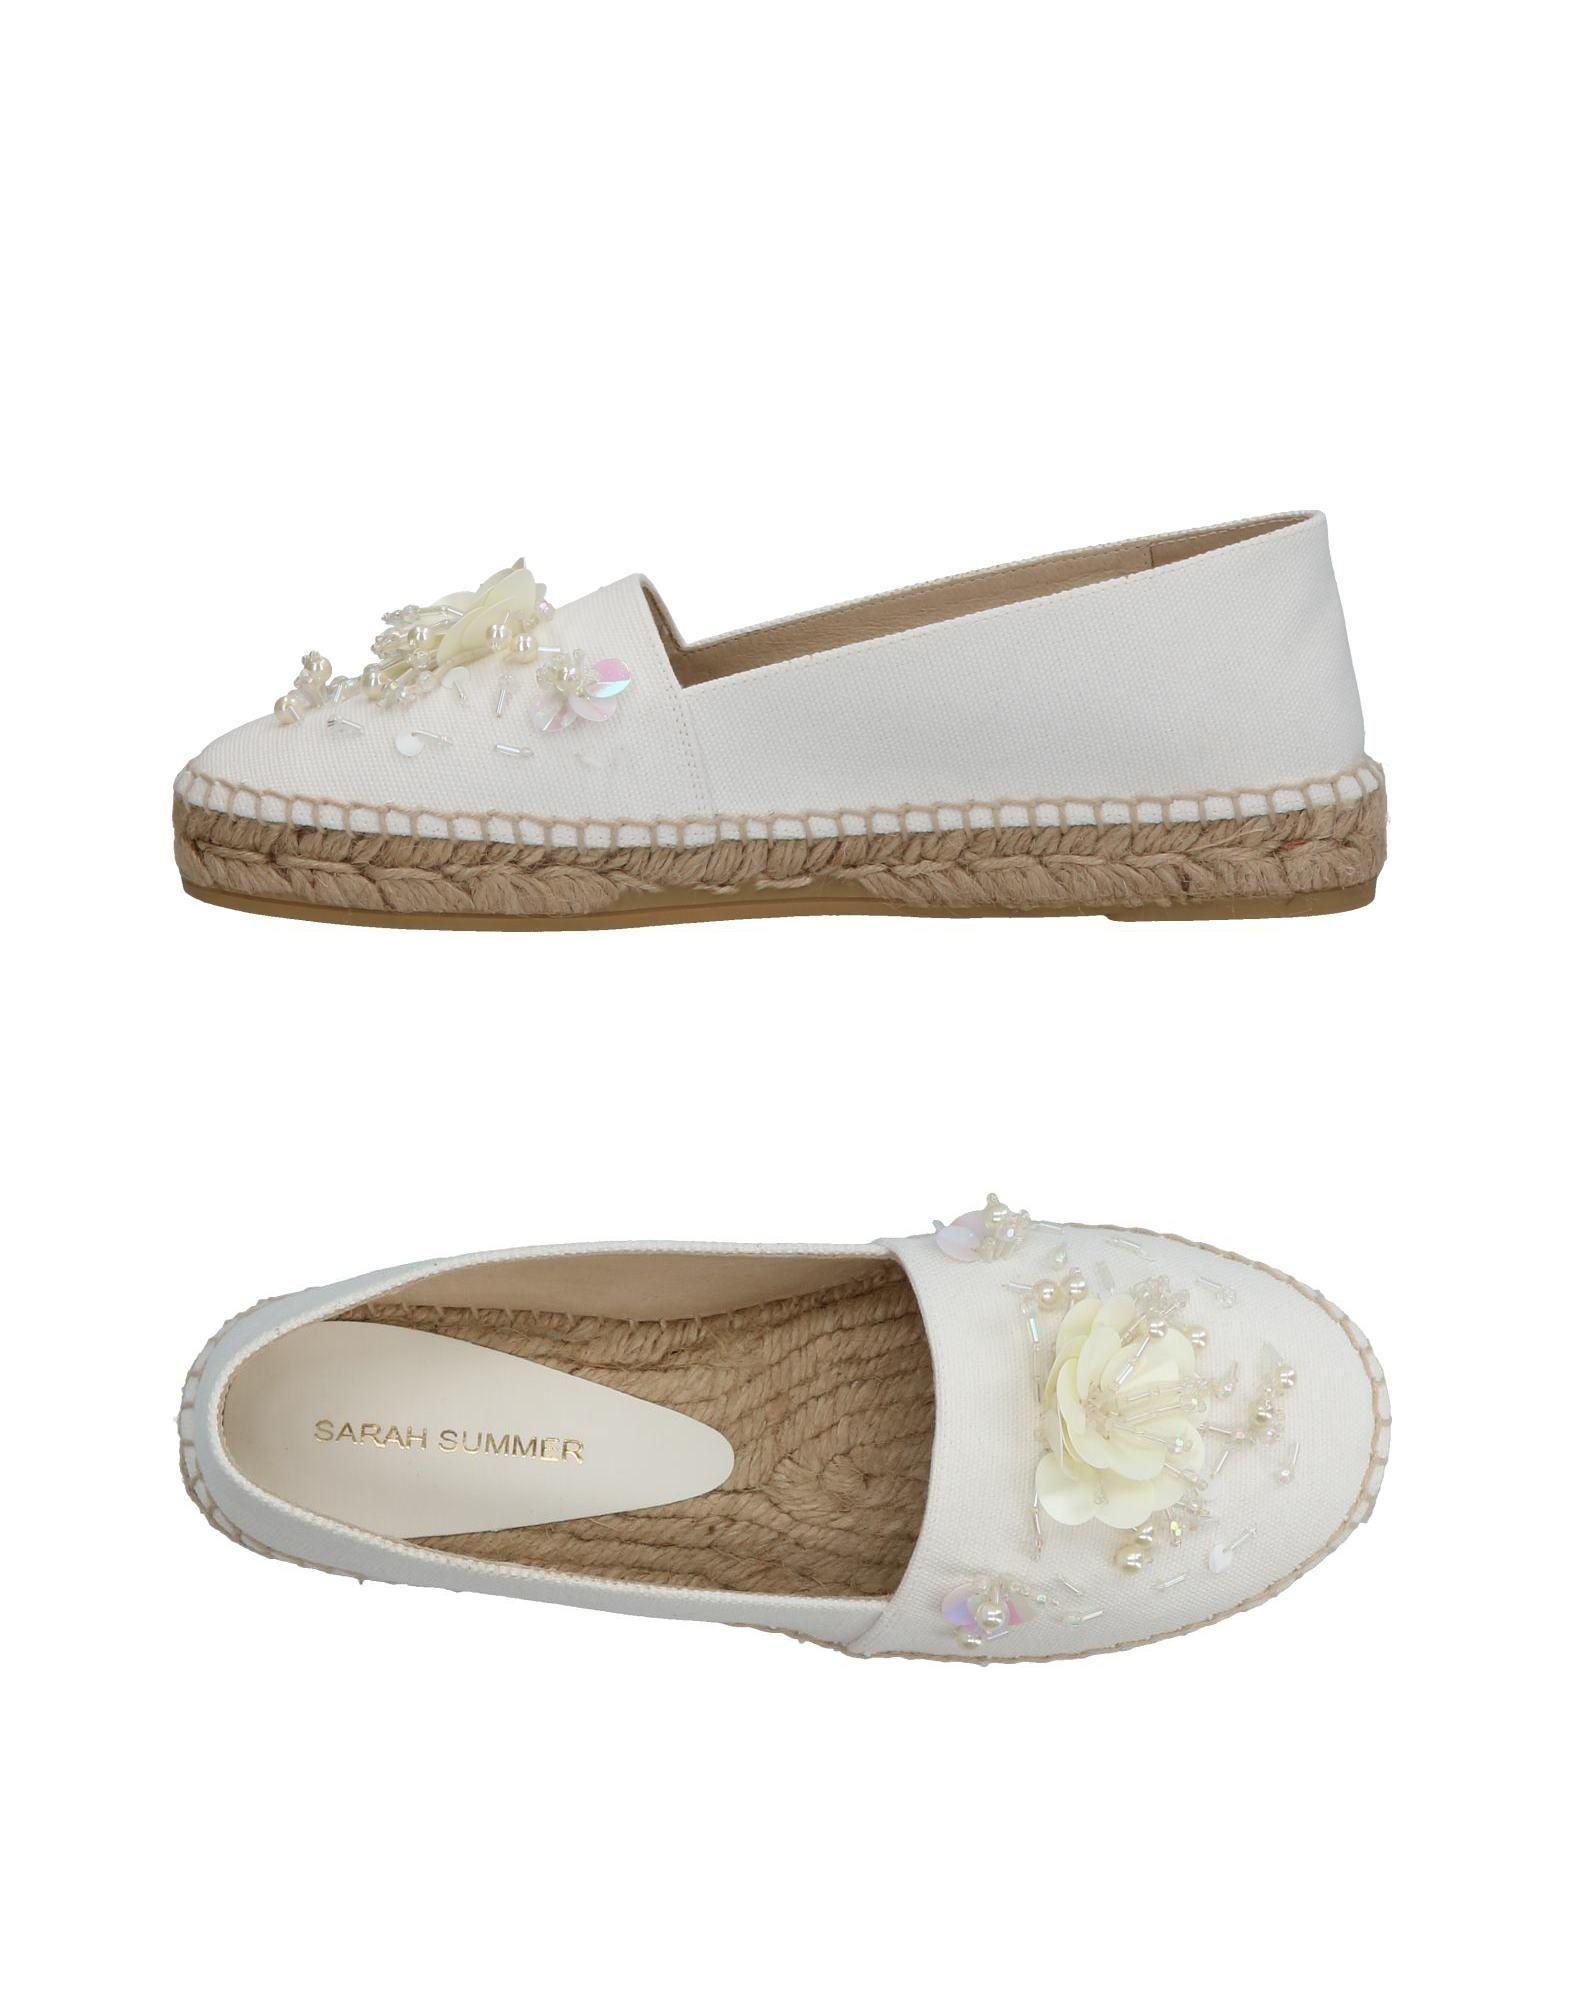 Sarah Summer Espadrilles Damen  11358895WJ Gute Qualität beliebte Schuhe